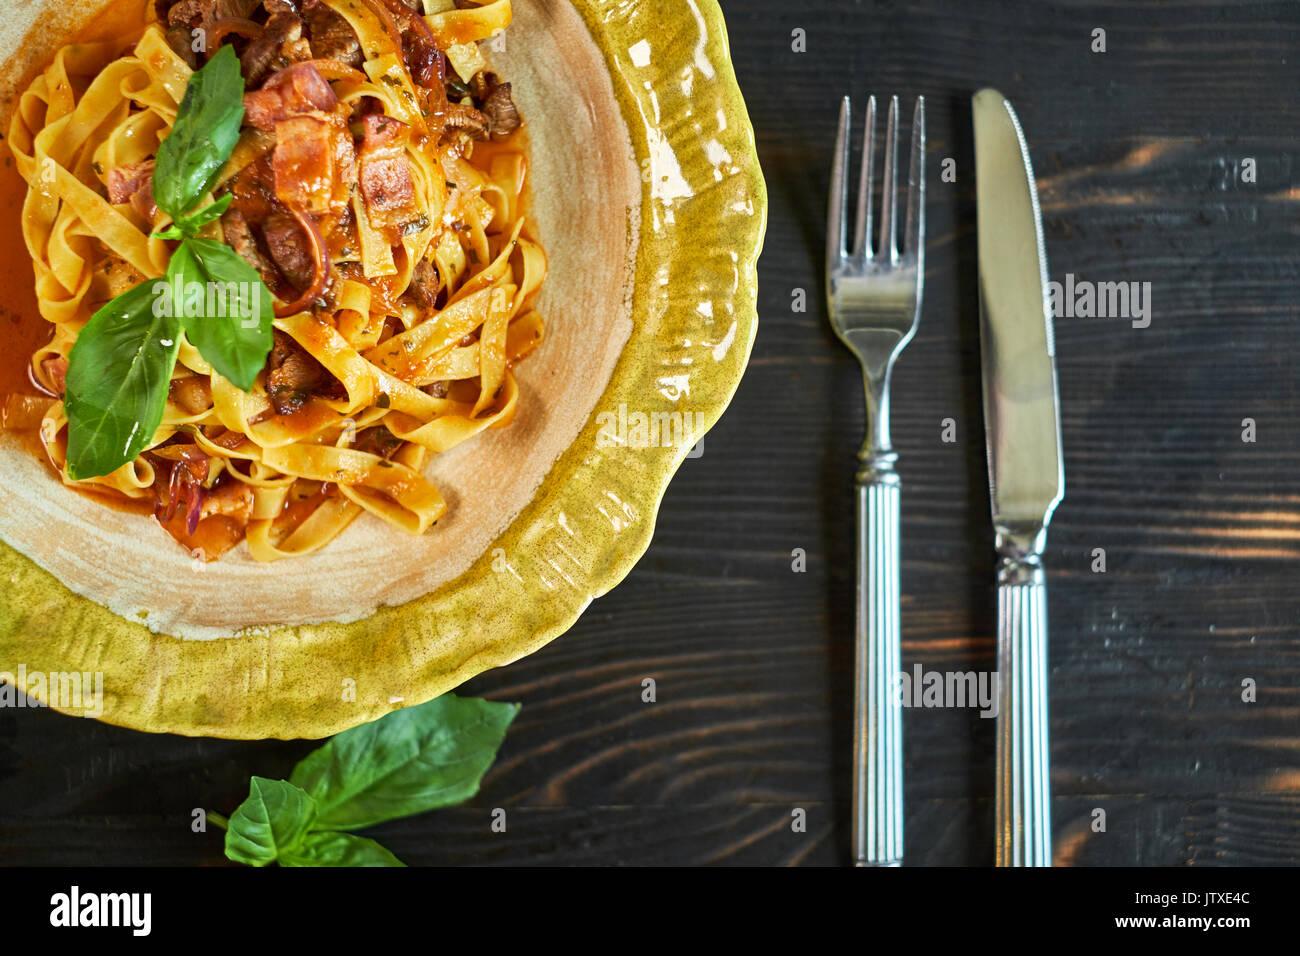 L'Italien pâtes penne aux tomates et pesto dans un restaurant Photo Stock